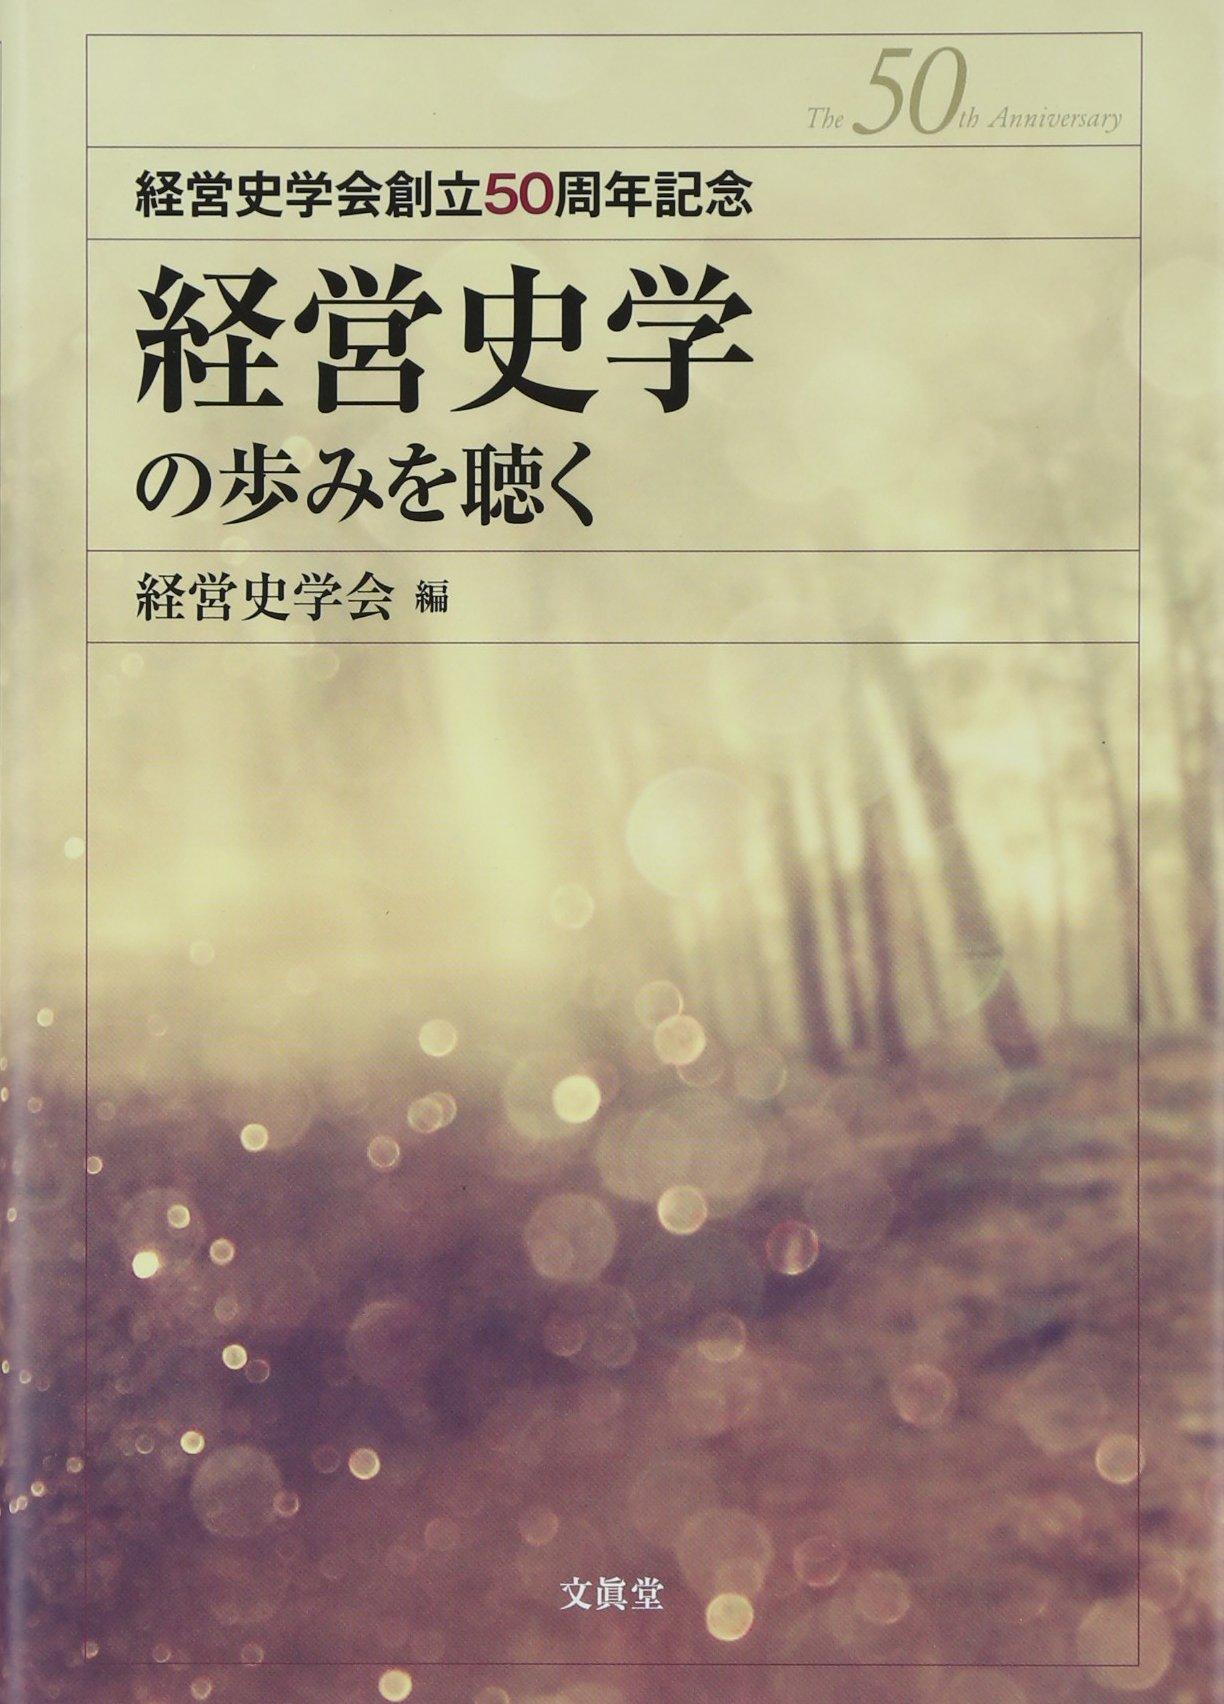 Download Keieishigaku no ayumi o kiku : Keieishi gakkai soritsu gojisshunen kinen. pdf